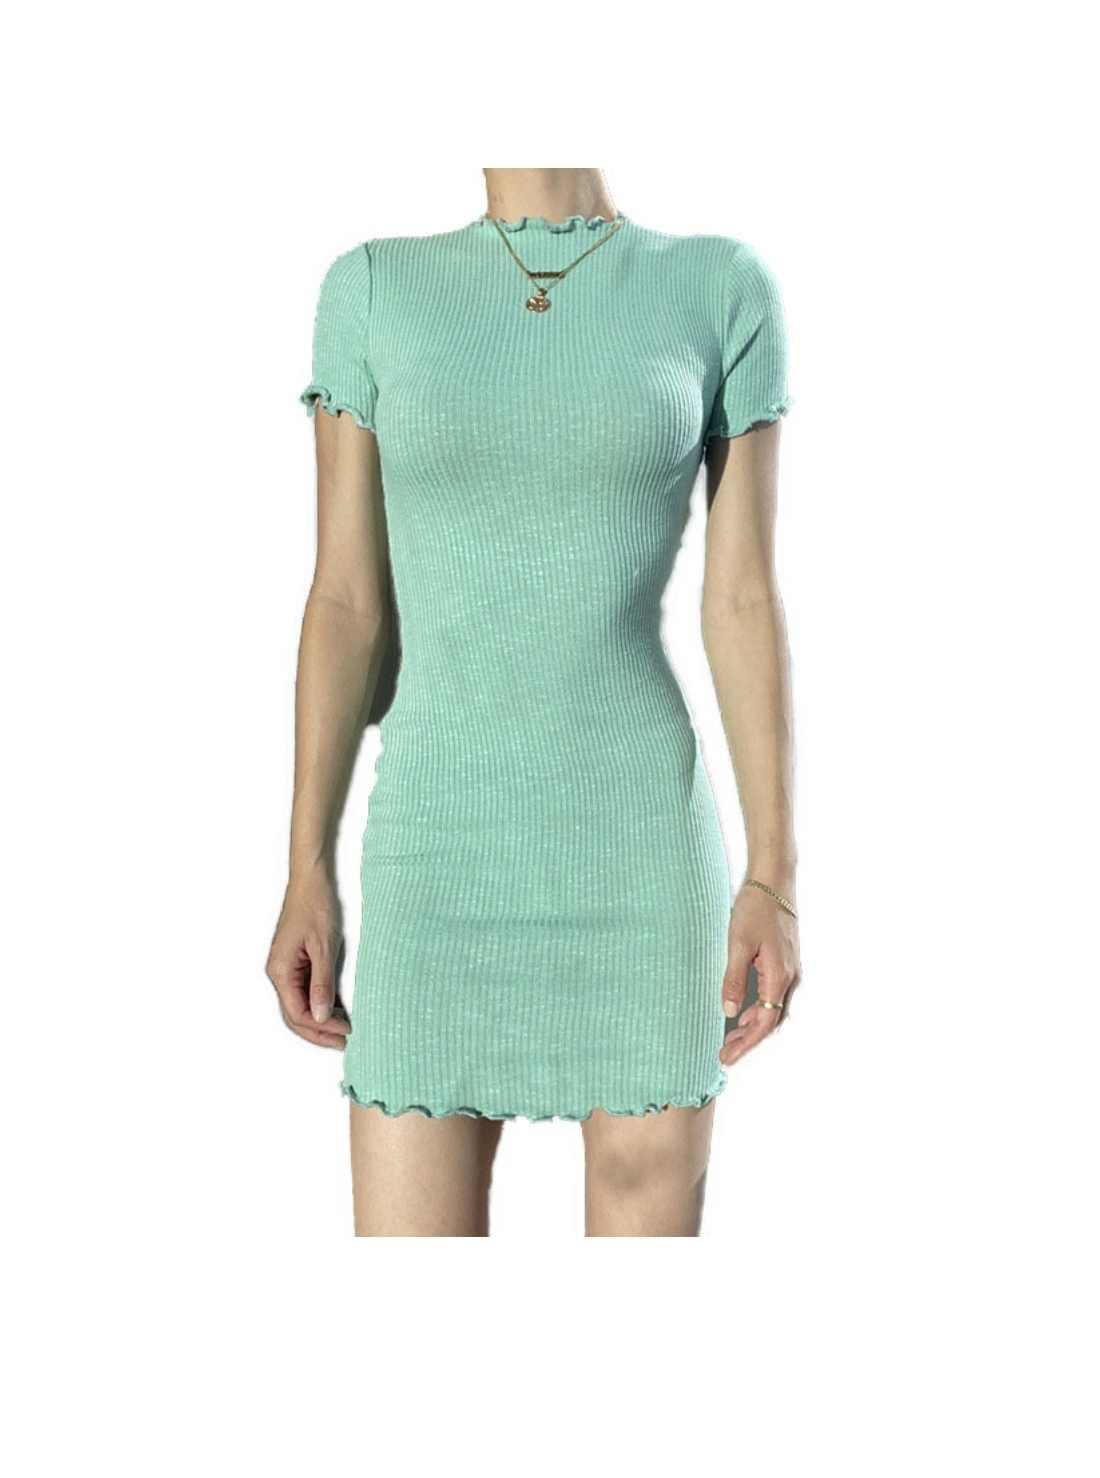 1 Piece Women Summer Dress